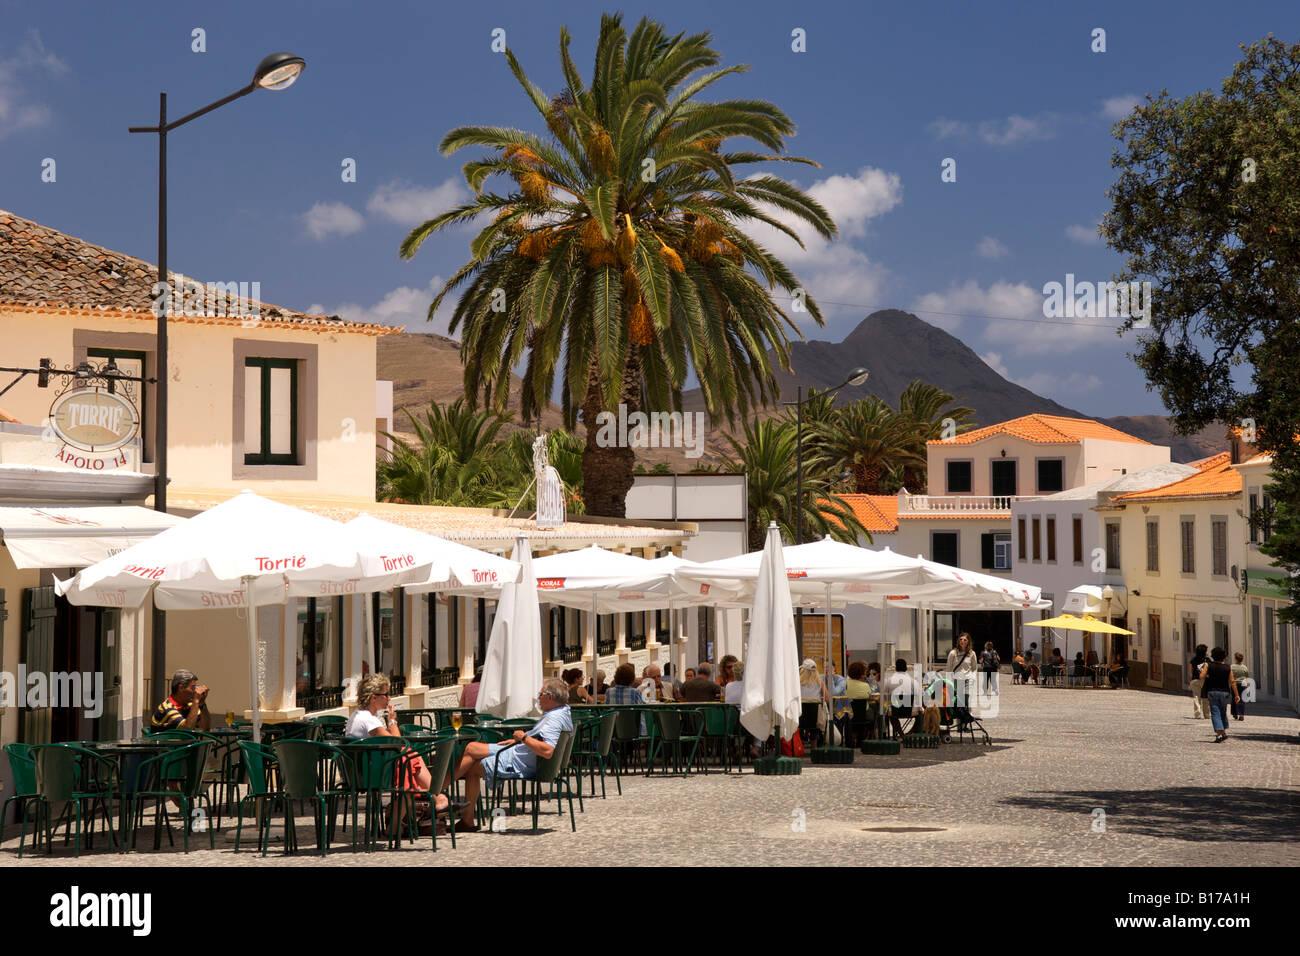 The town of Vila Baleira on the Portuguese Atlantic island of Porto Santo. Stock Photo